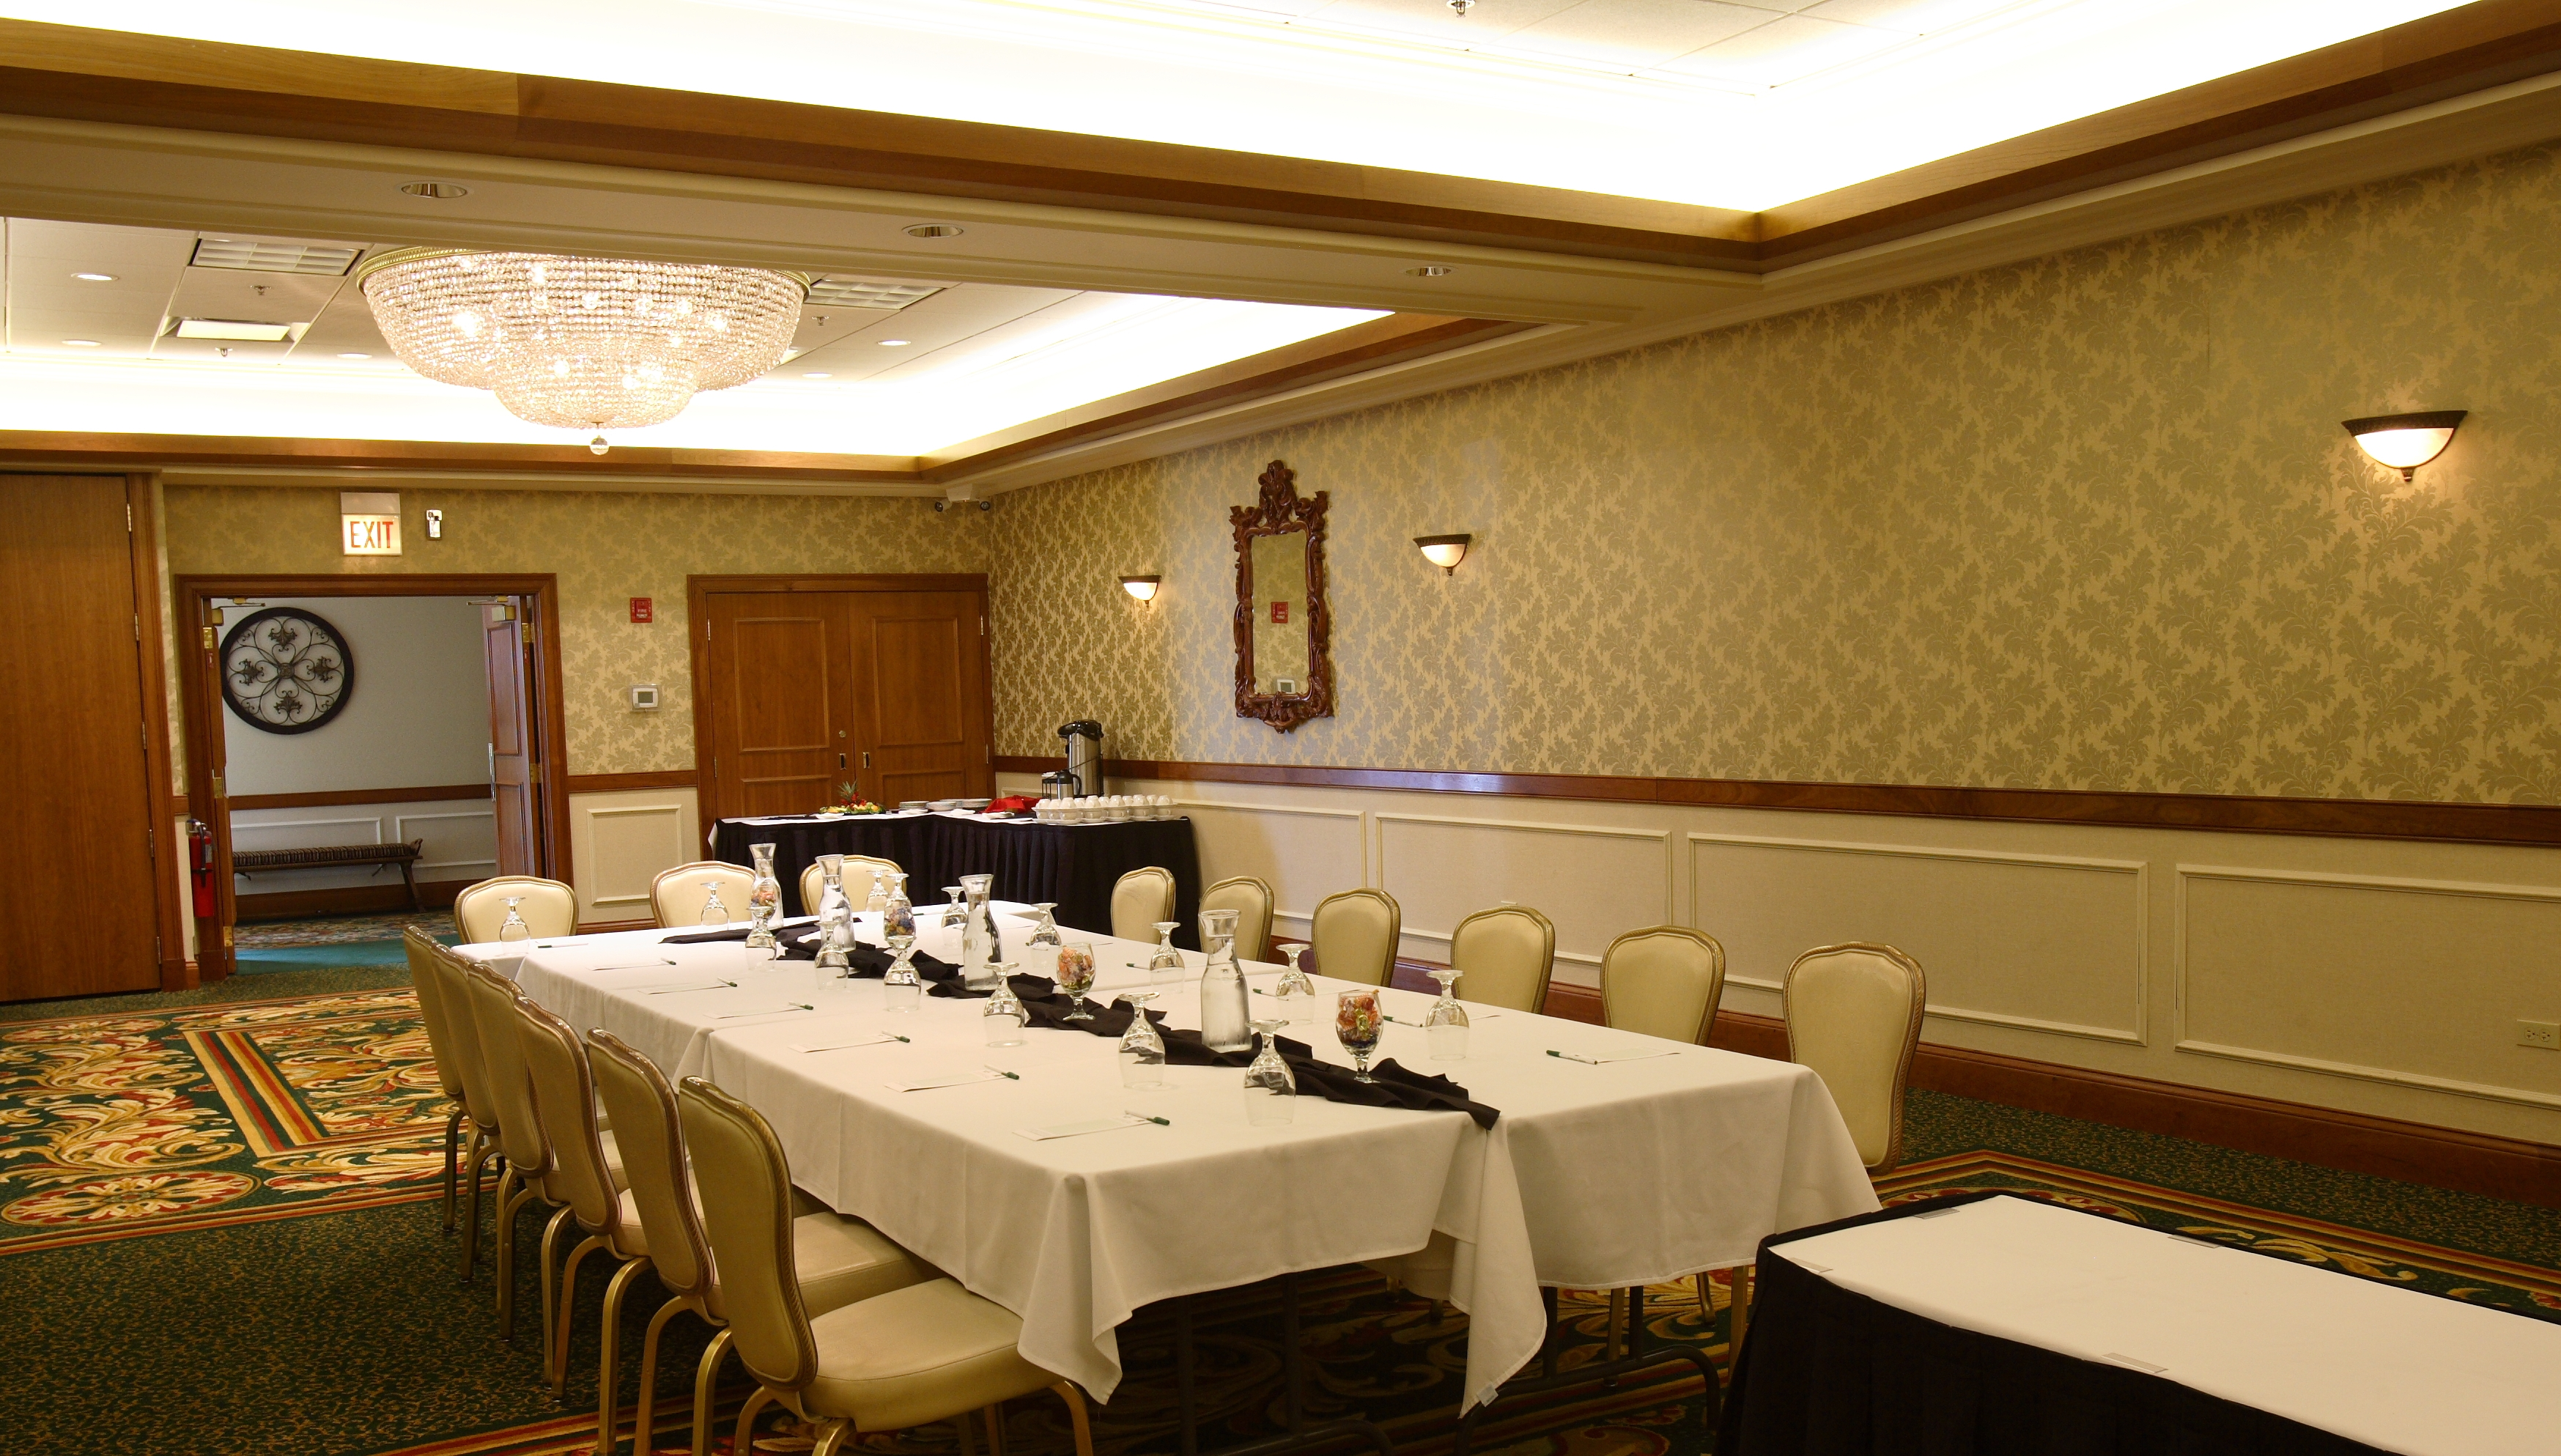 William Tell Restaurant